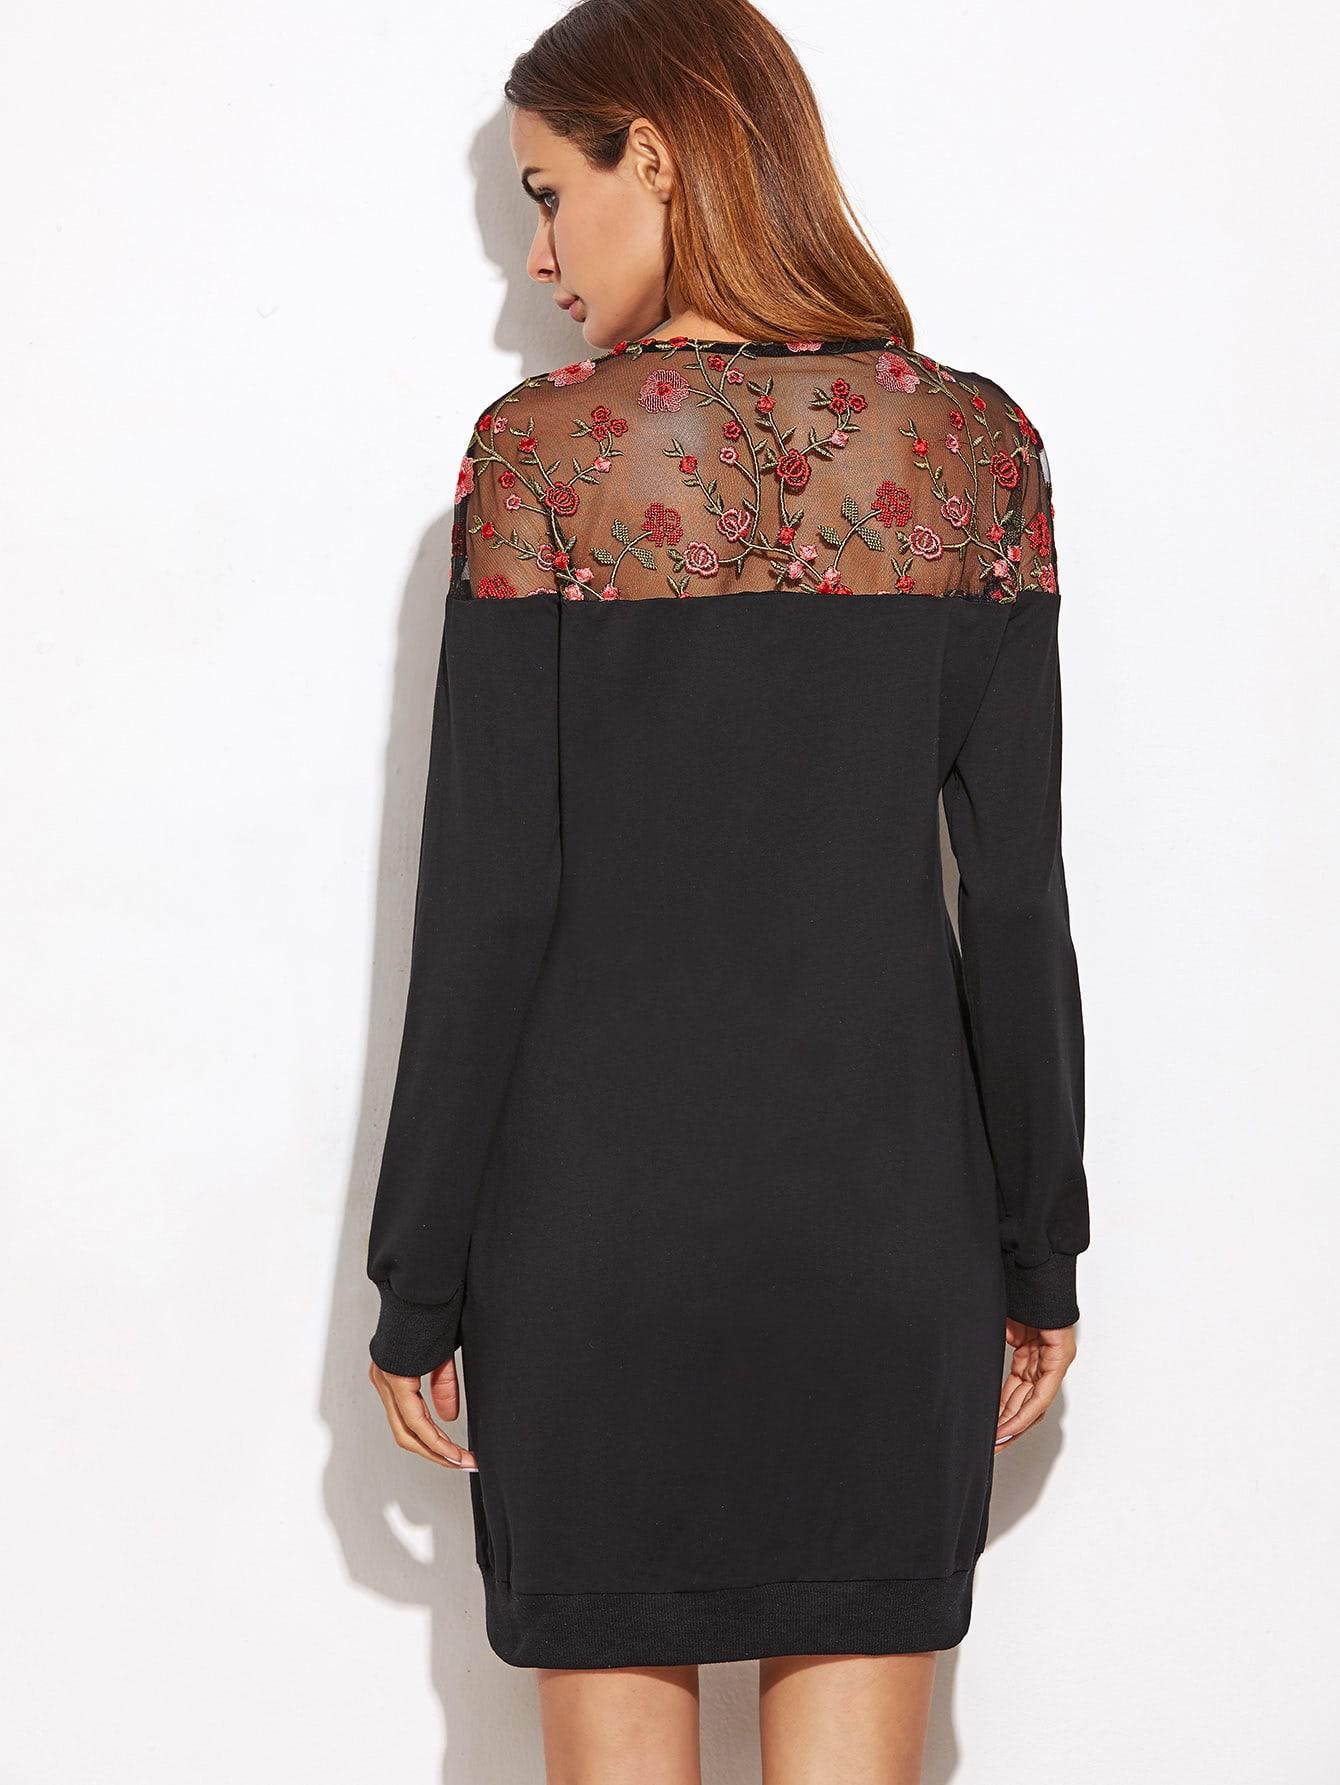 dress161108707_2